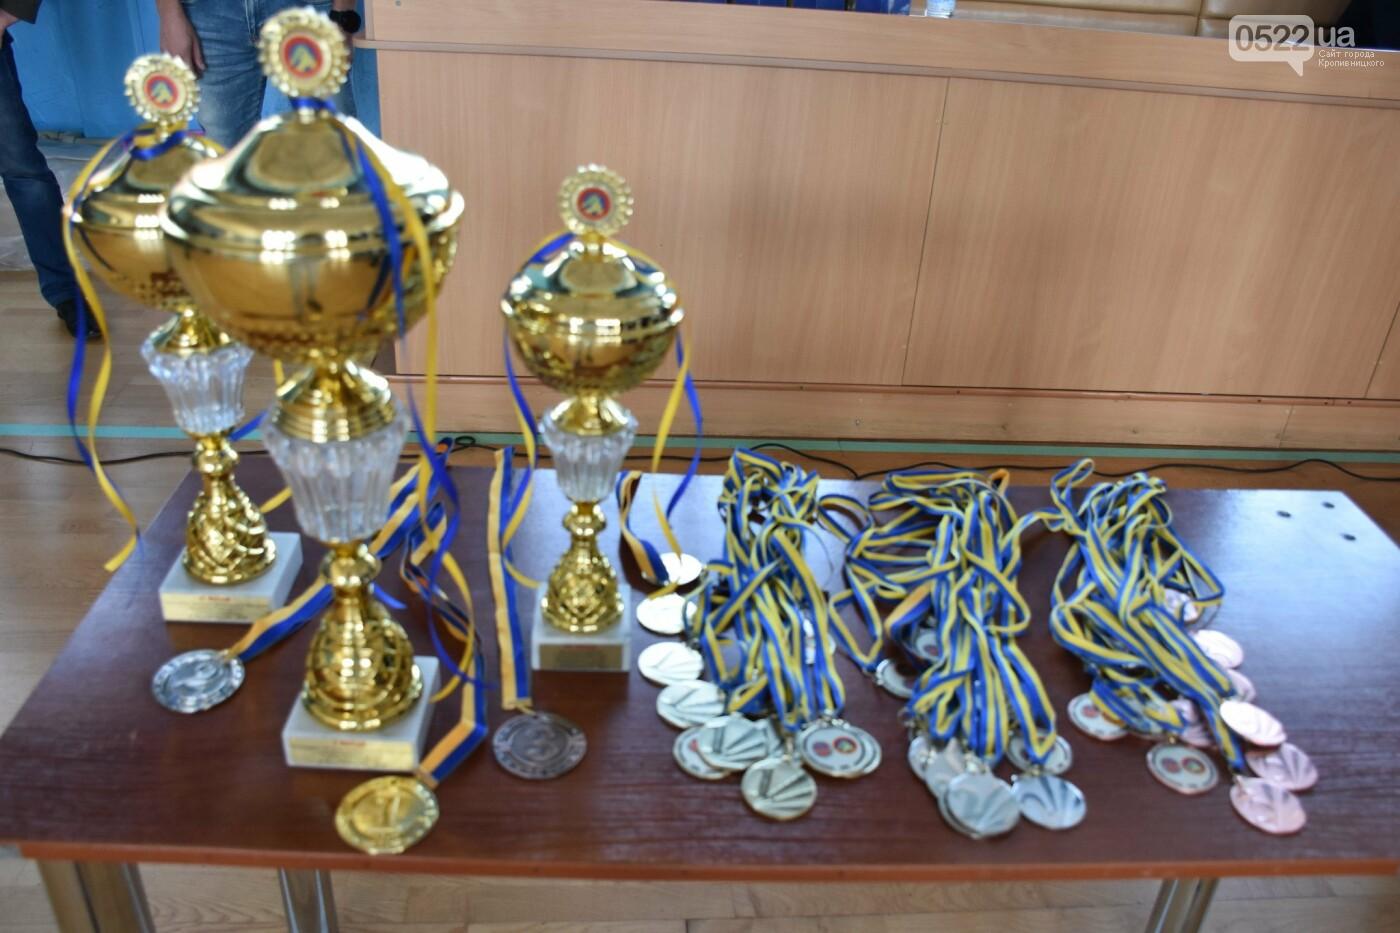 Кропивницький: Хто переміг у чемпіонаті з рукопашного бою серед силовиків, фото-2